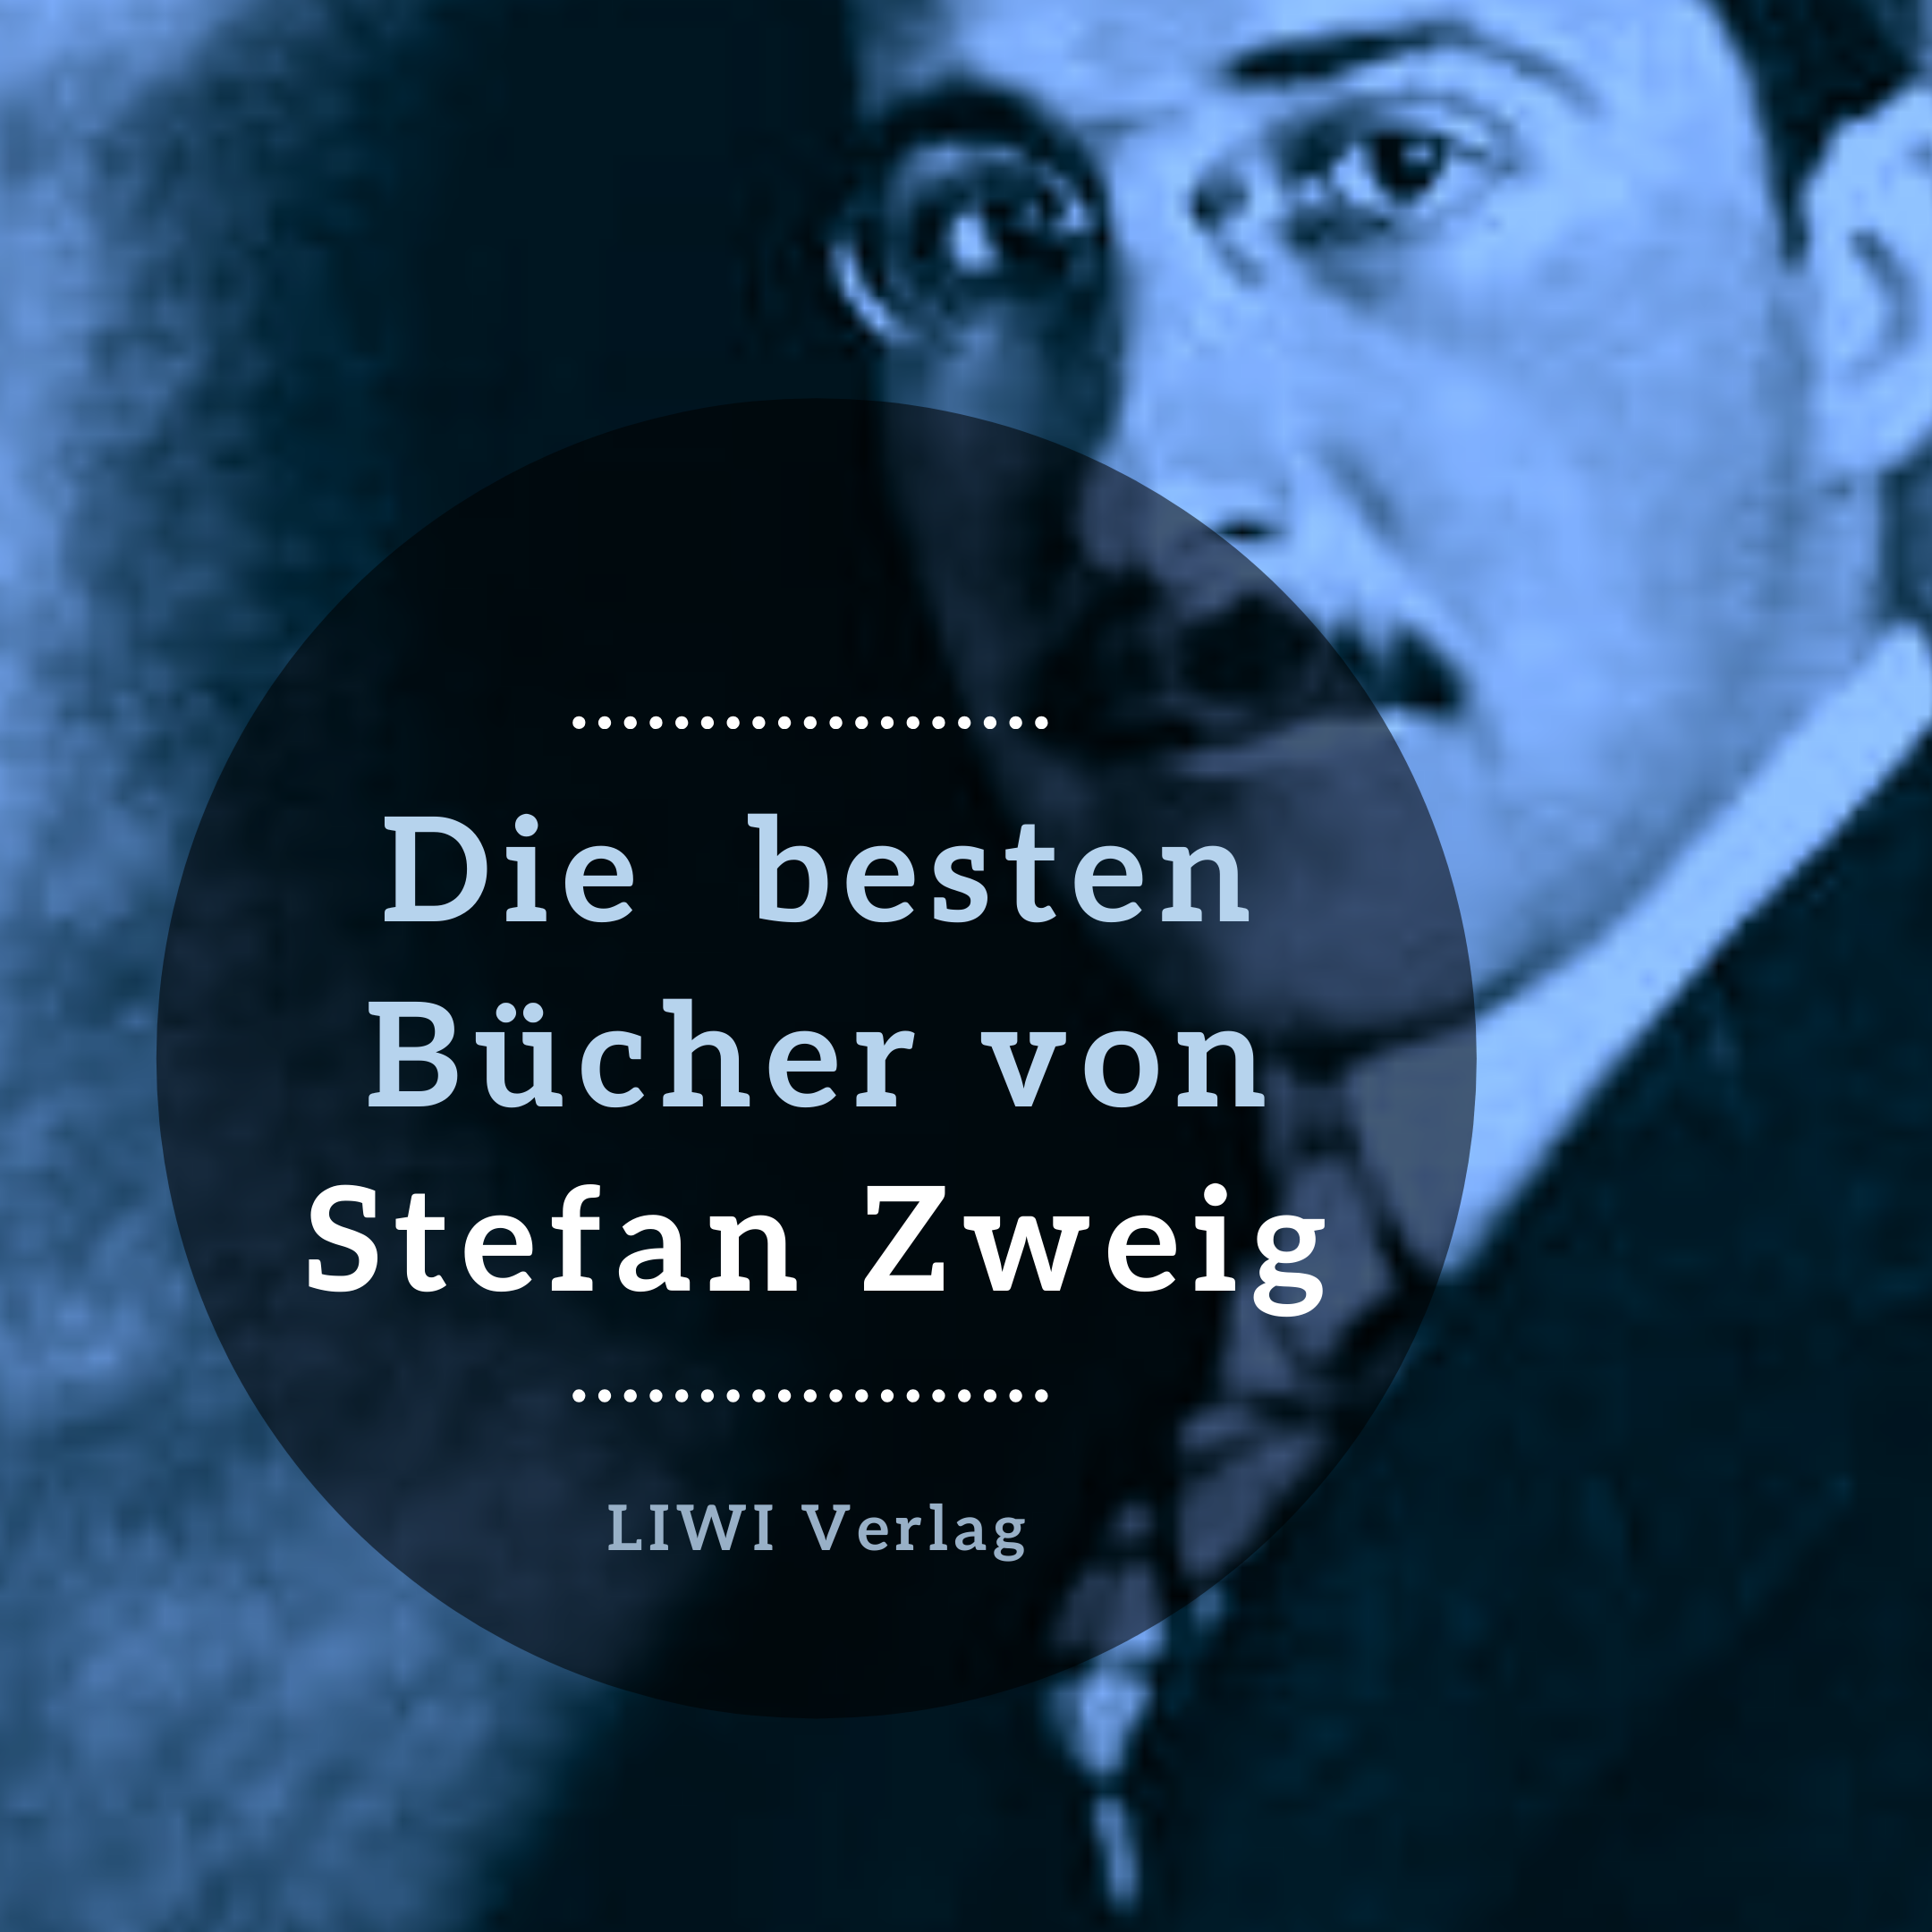 Die besten Bücher Stefan Zweig LIWI Verlag